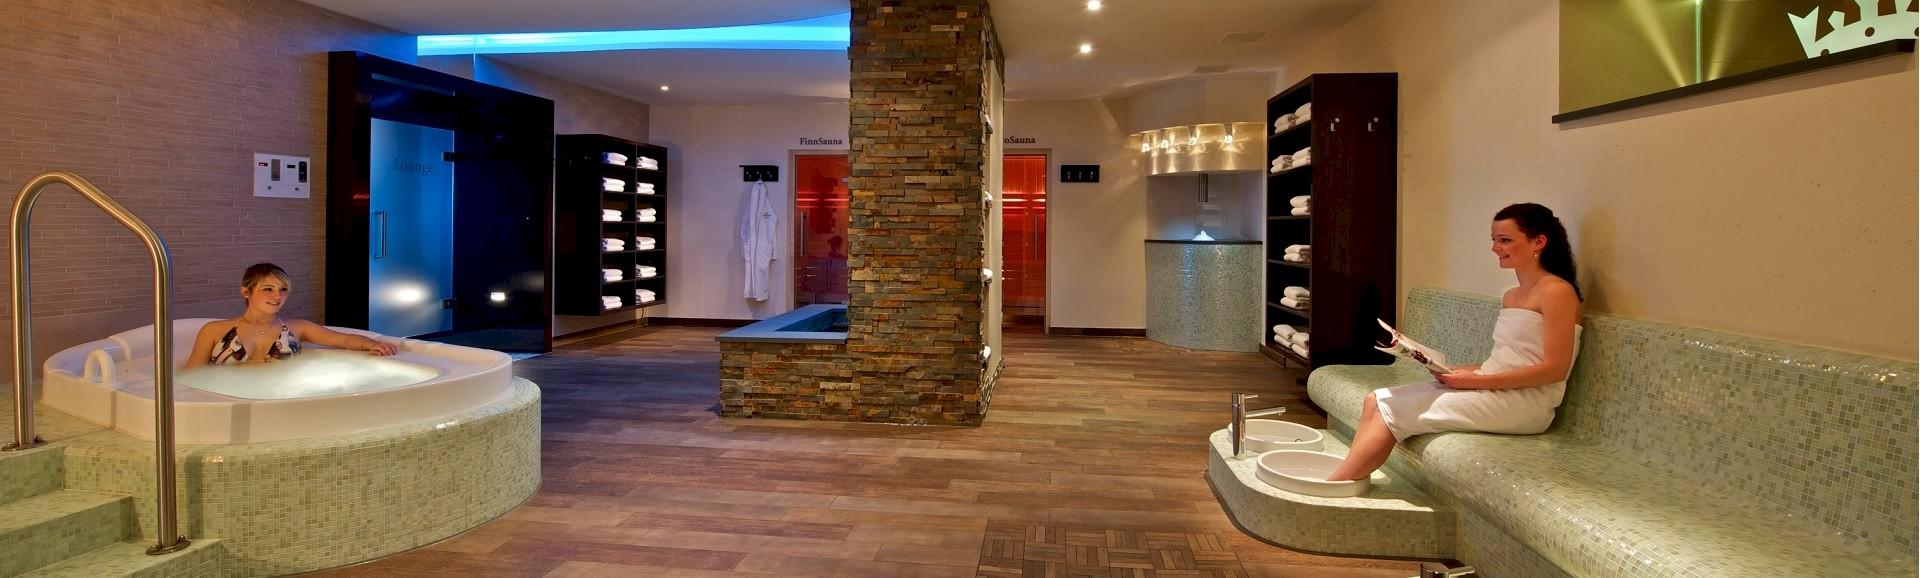 First-Class Hotel in der Innenstadt von Münster mit großzügigem Wellnessbereich